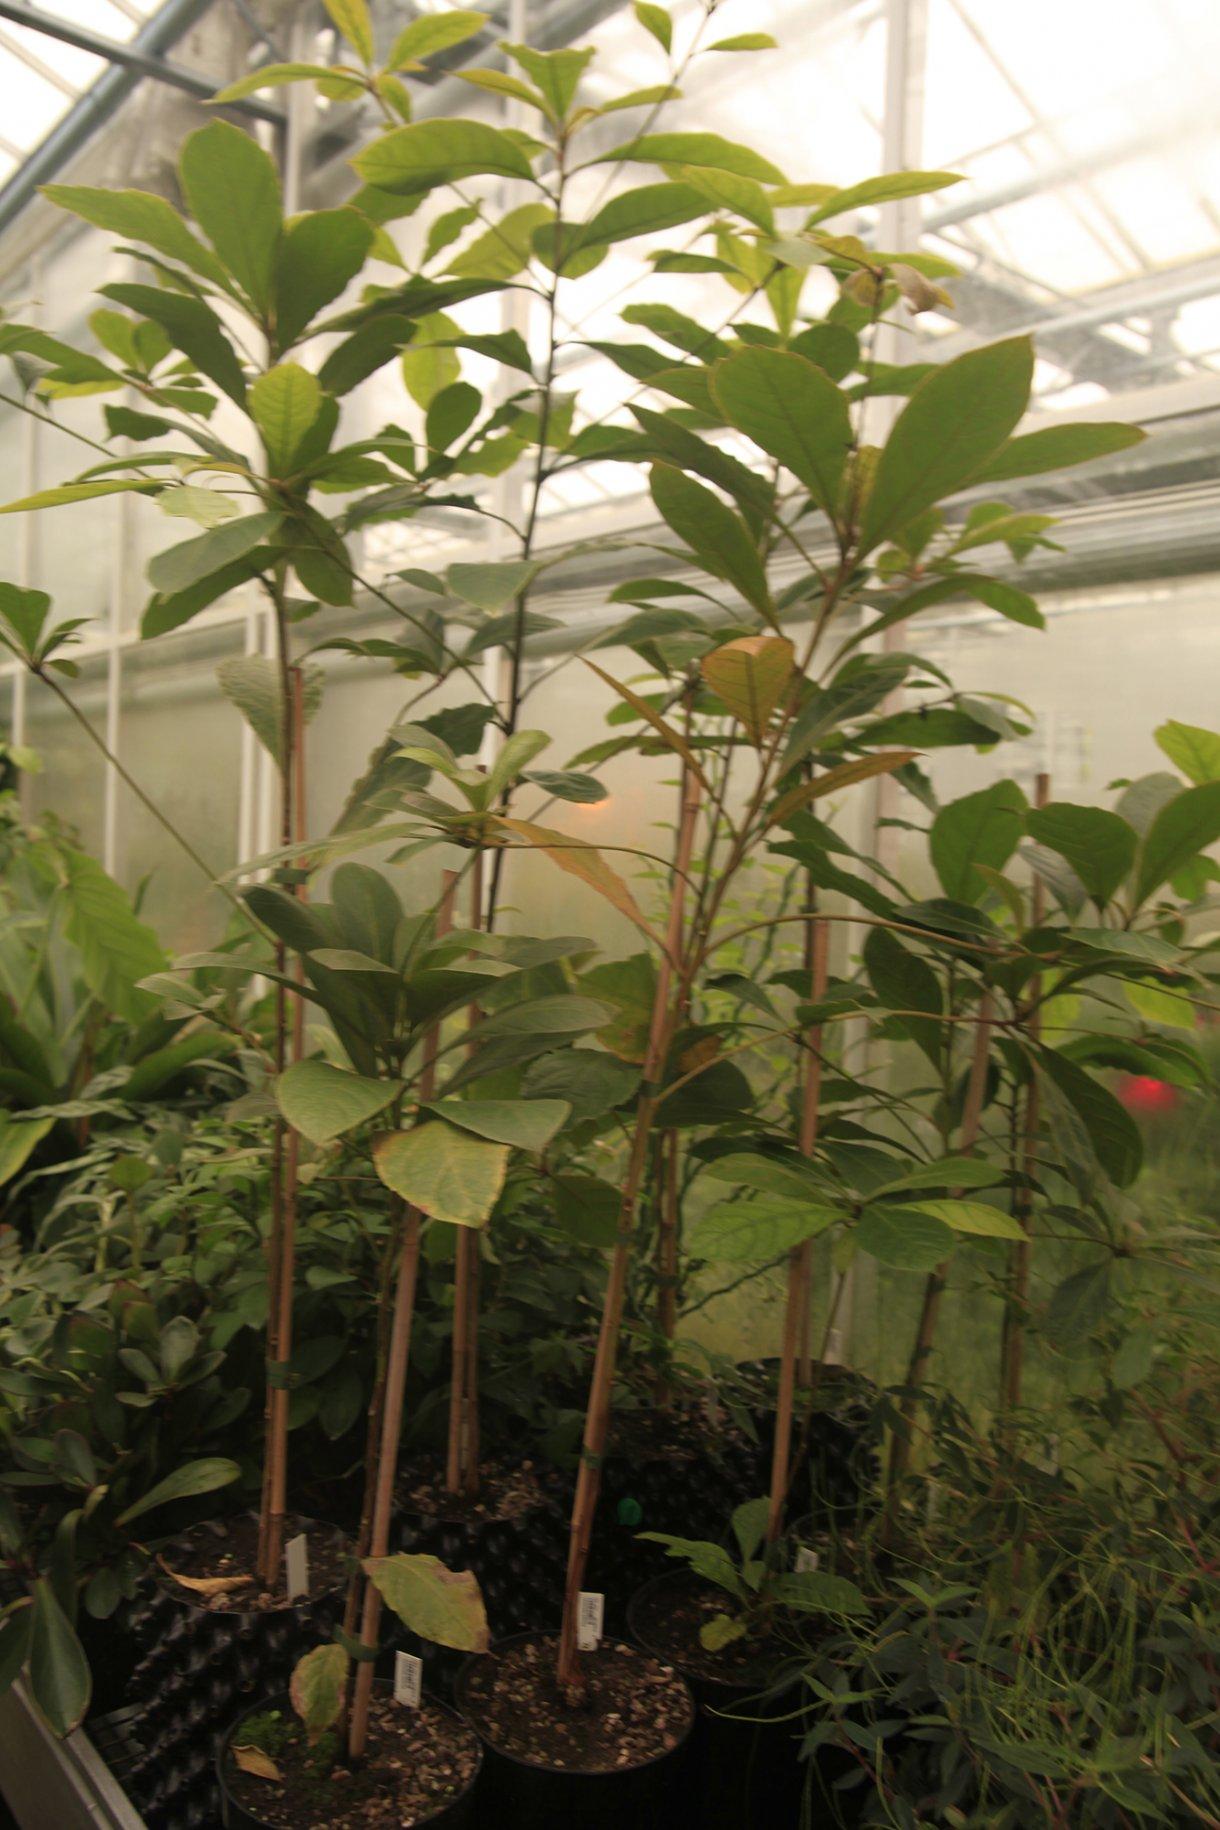 Seedlings Ackroyd Amp Harvey Conflicted Seeds Spirit